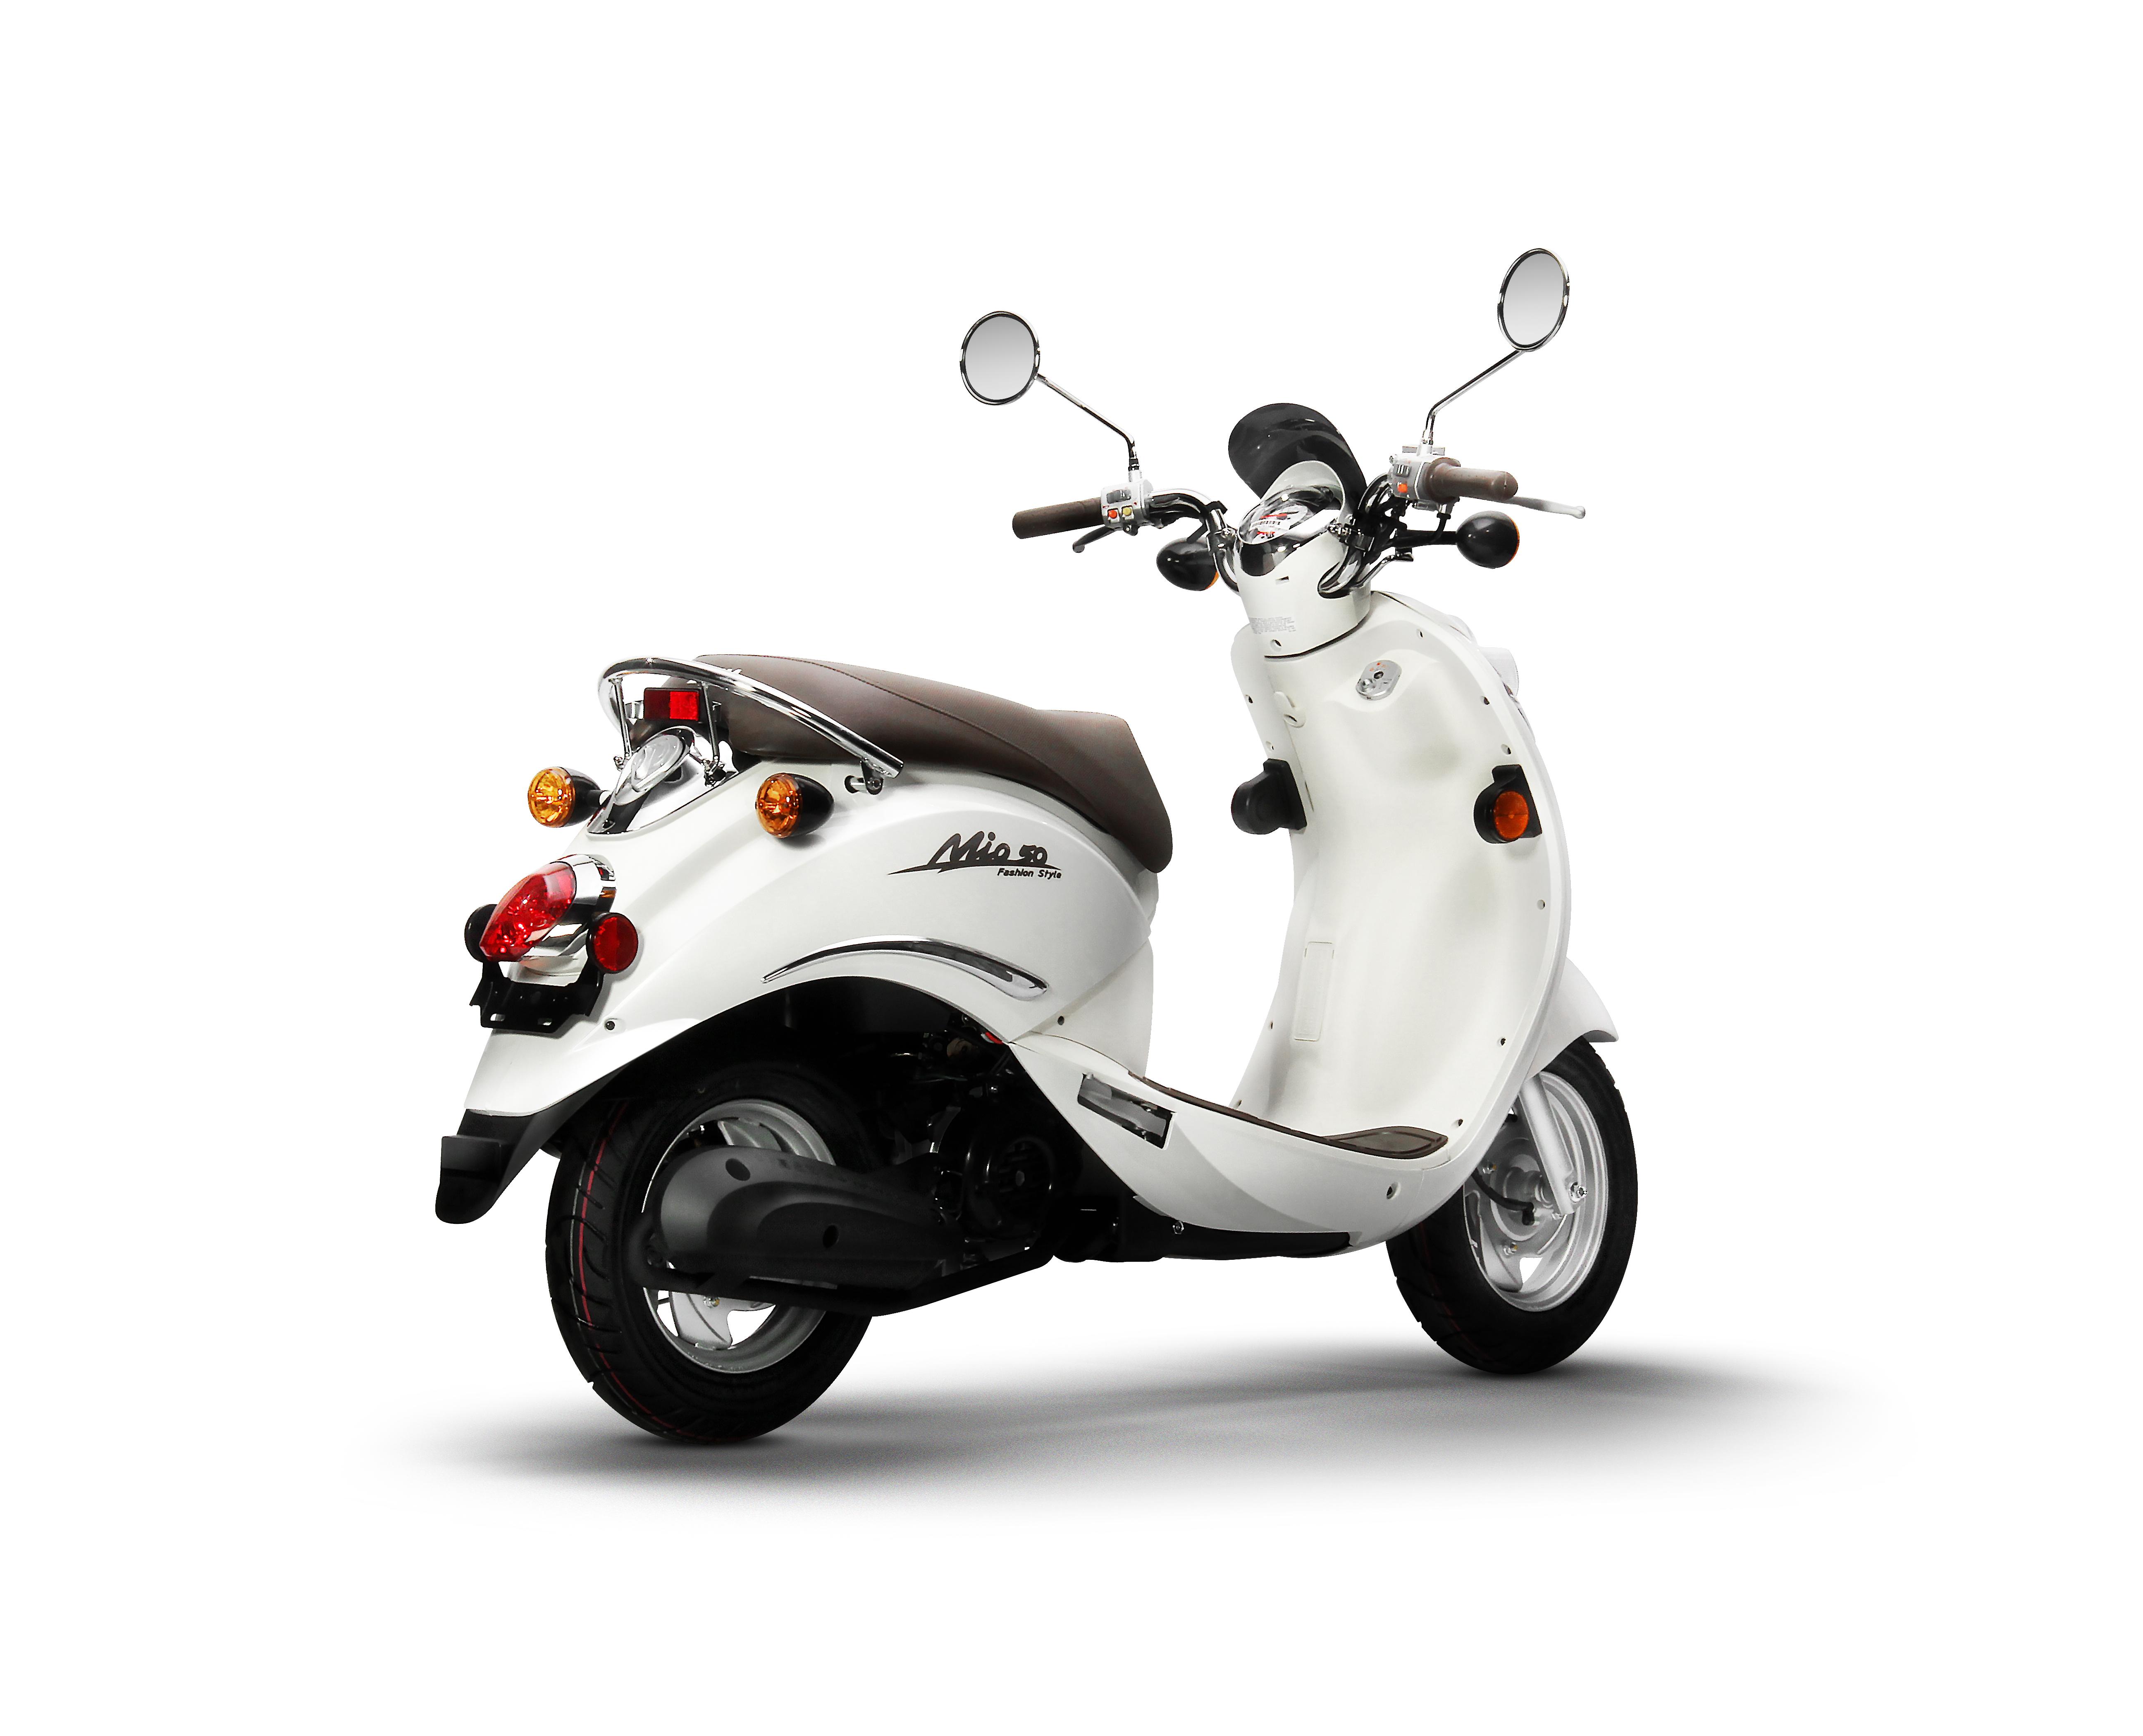 White Sym Mio 50_Scoots